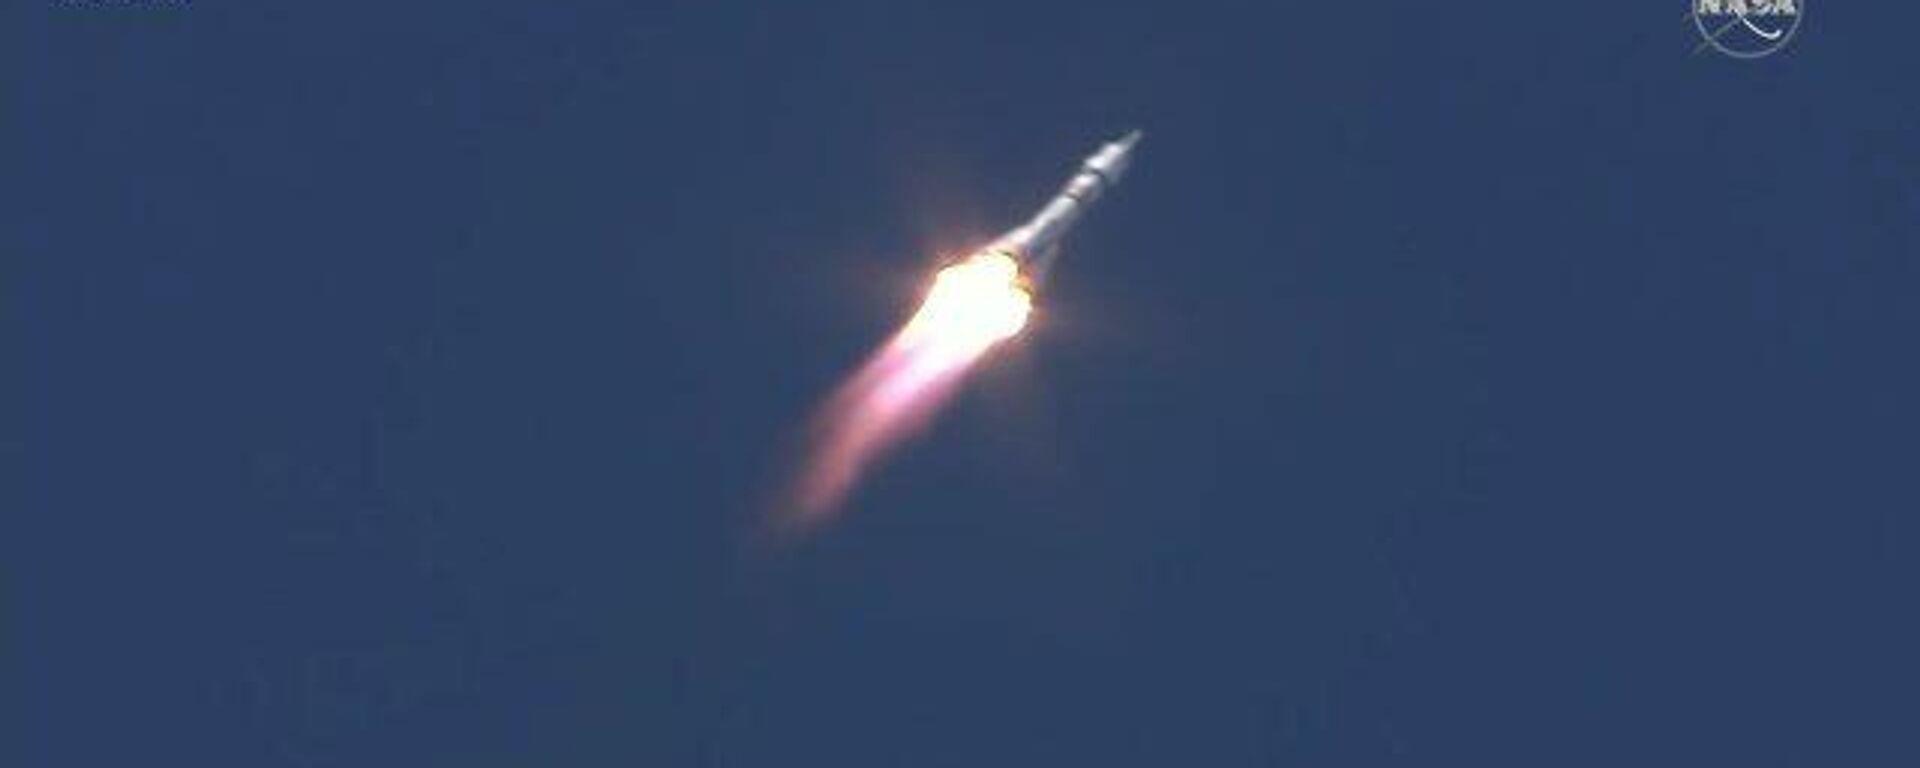 Ракета «Союз-2.1а» с кораблём «Союз МС-19» с первым в мире киноэкипажем  успешно стартовала с космодрома Байконур - Sputnik Тоҷикистон, 1920, 05.10.2021